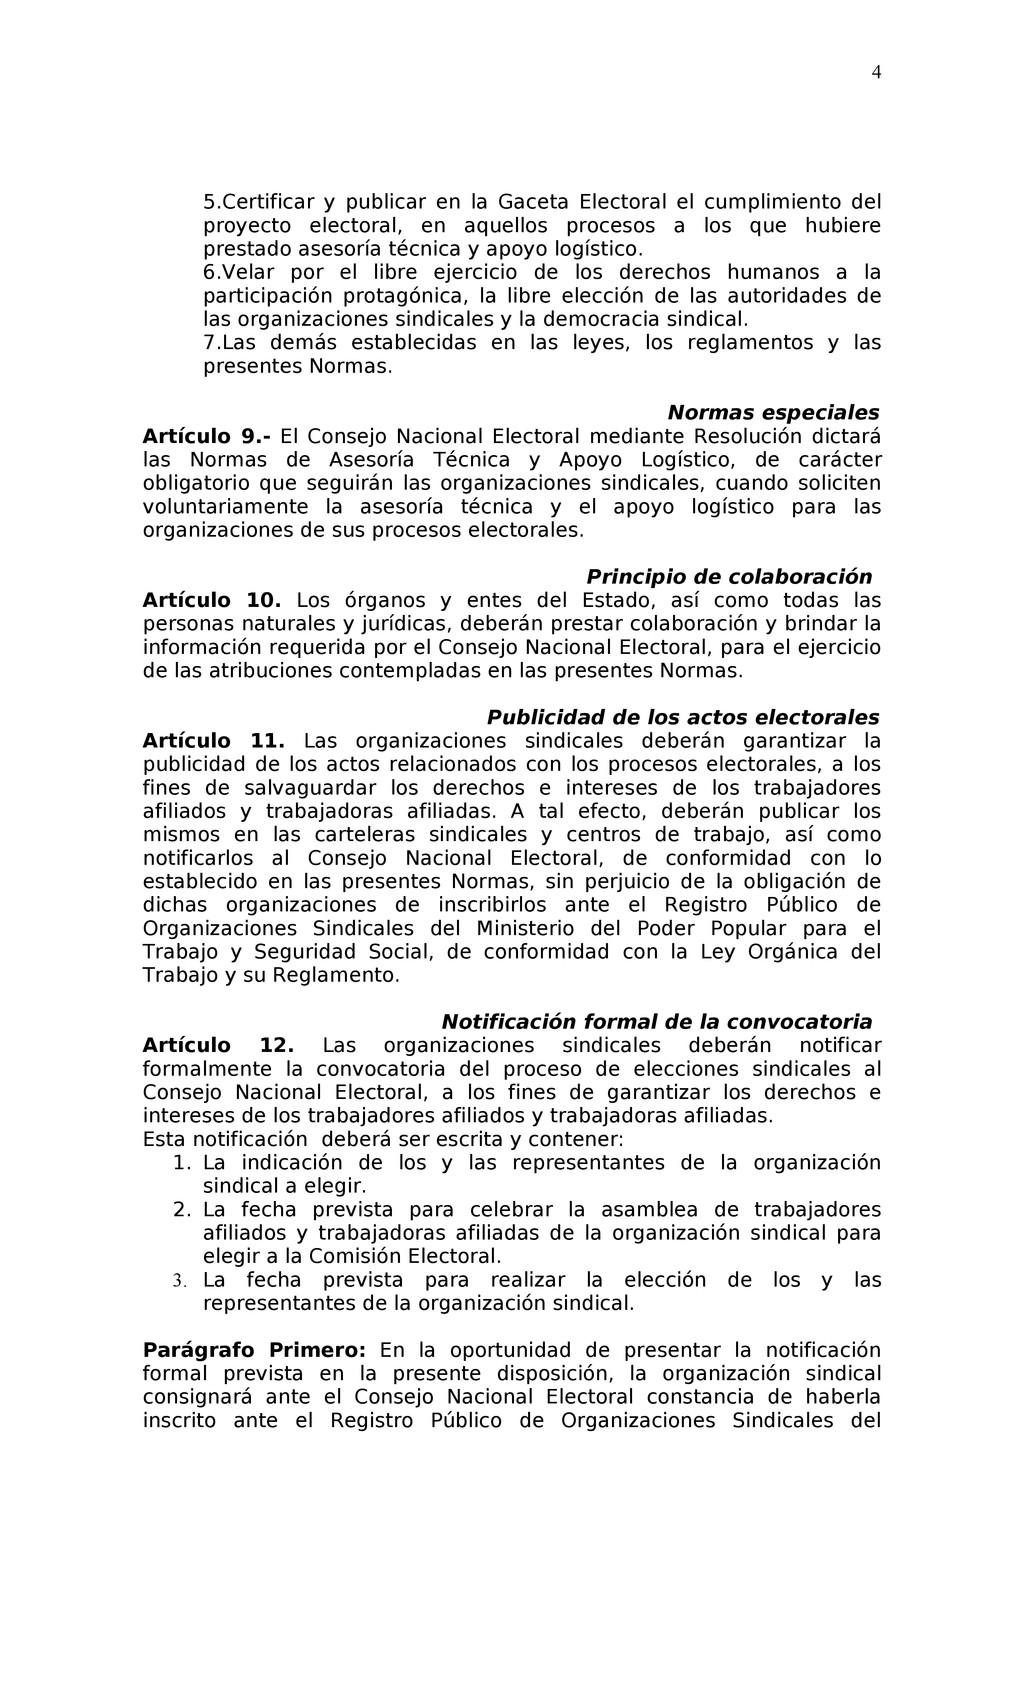 5.Certificar y publicar en la Gaceta Electoral ...